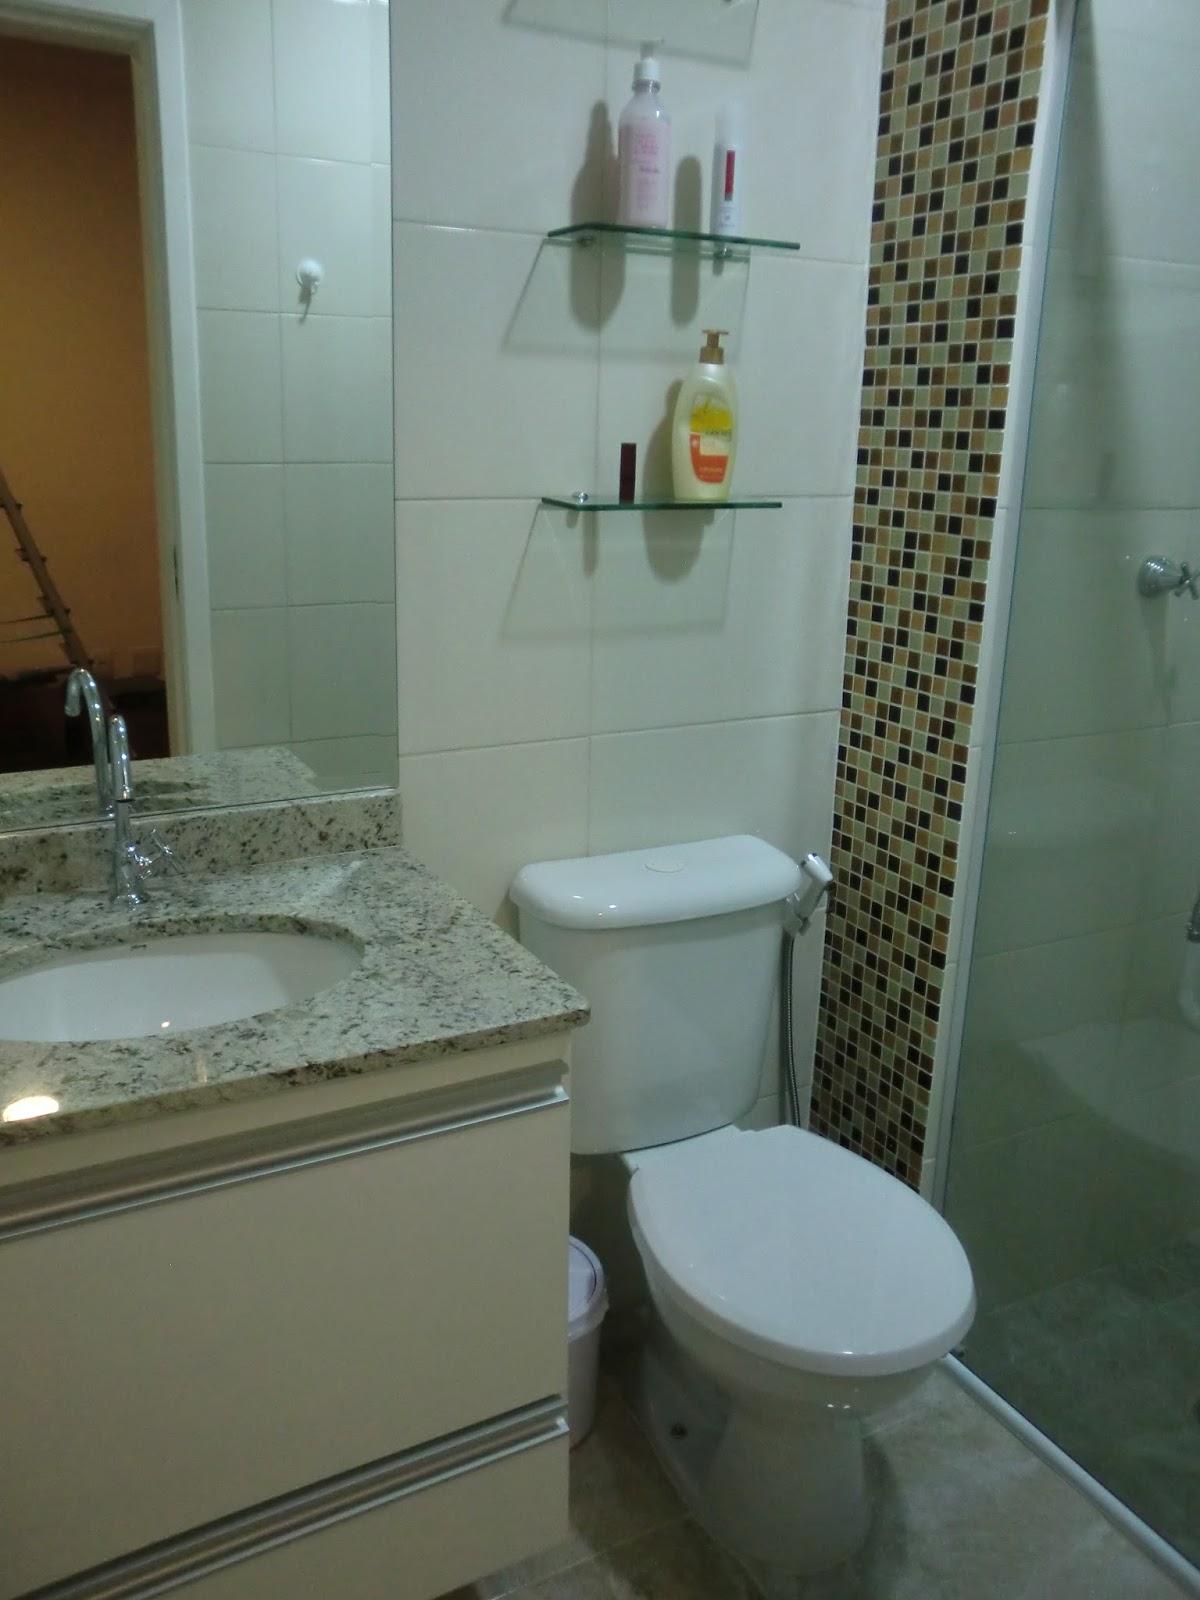 Casa e Reforma Visita  Apartamento novo dos nossos amigos  Casa e Reforma -> Banheiro Com Faixa De Pastilha Atras Do Vaso